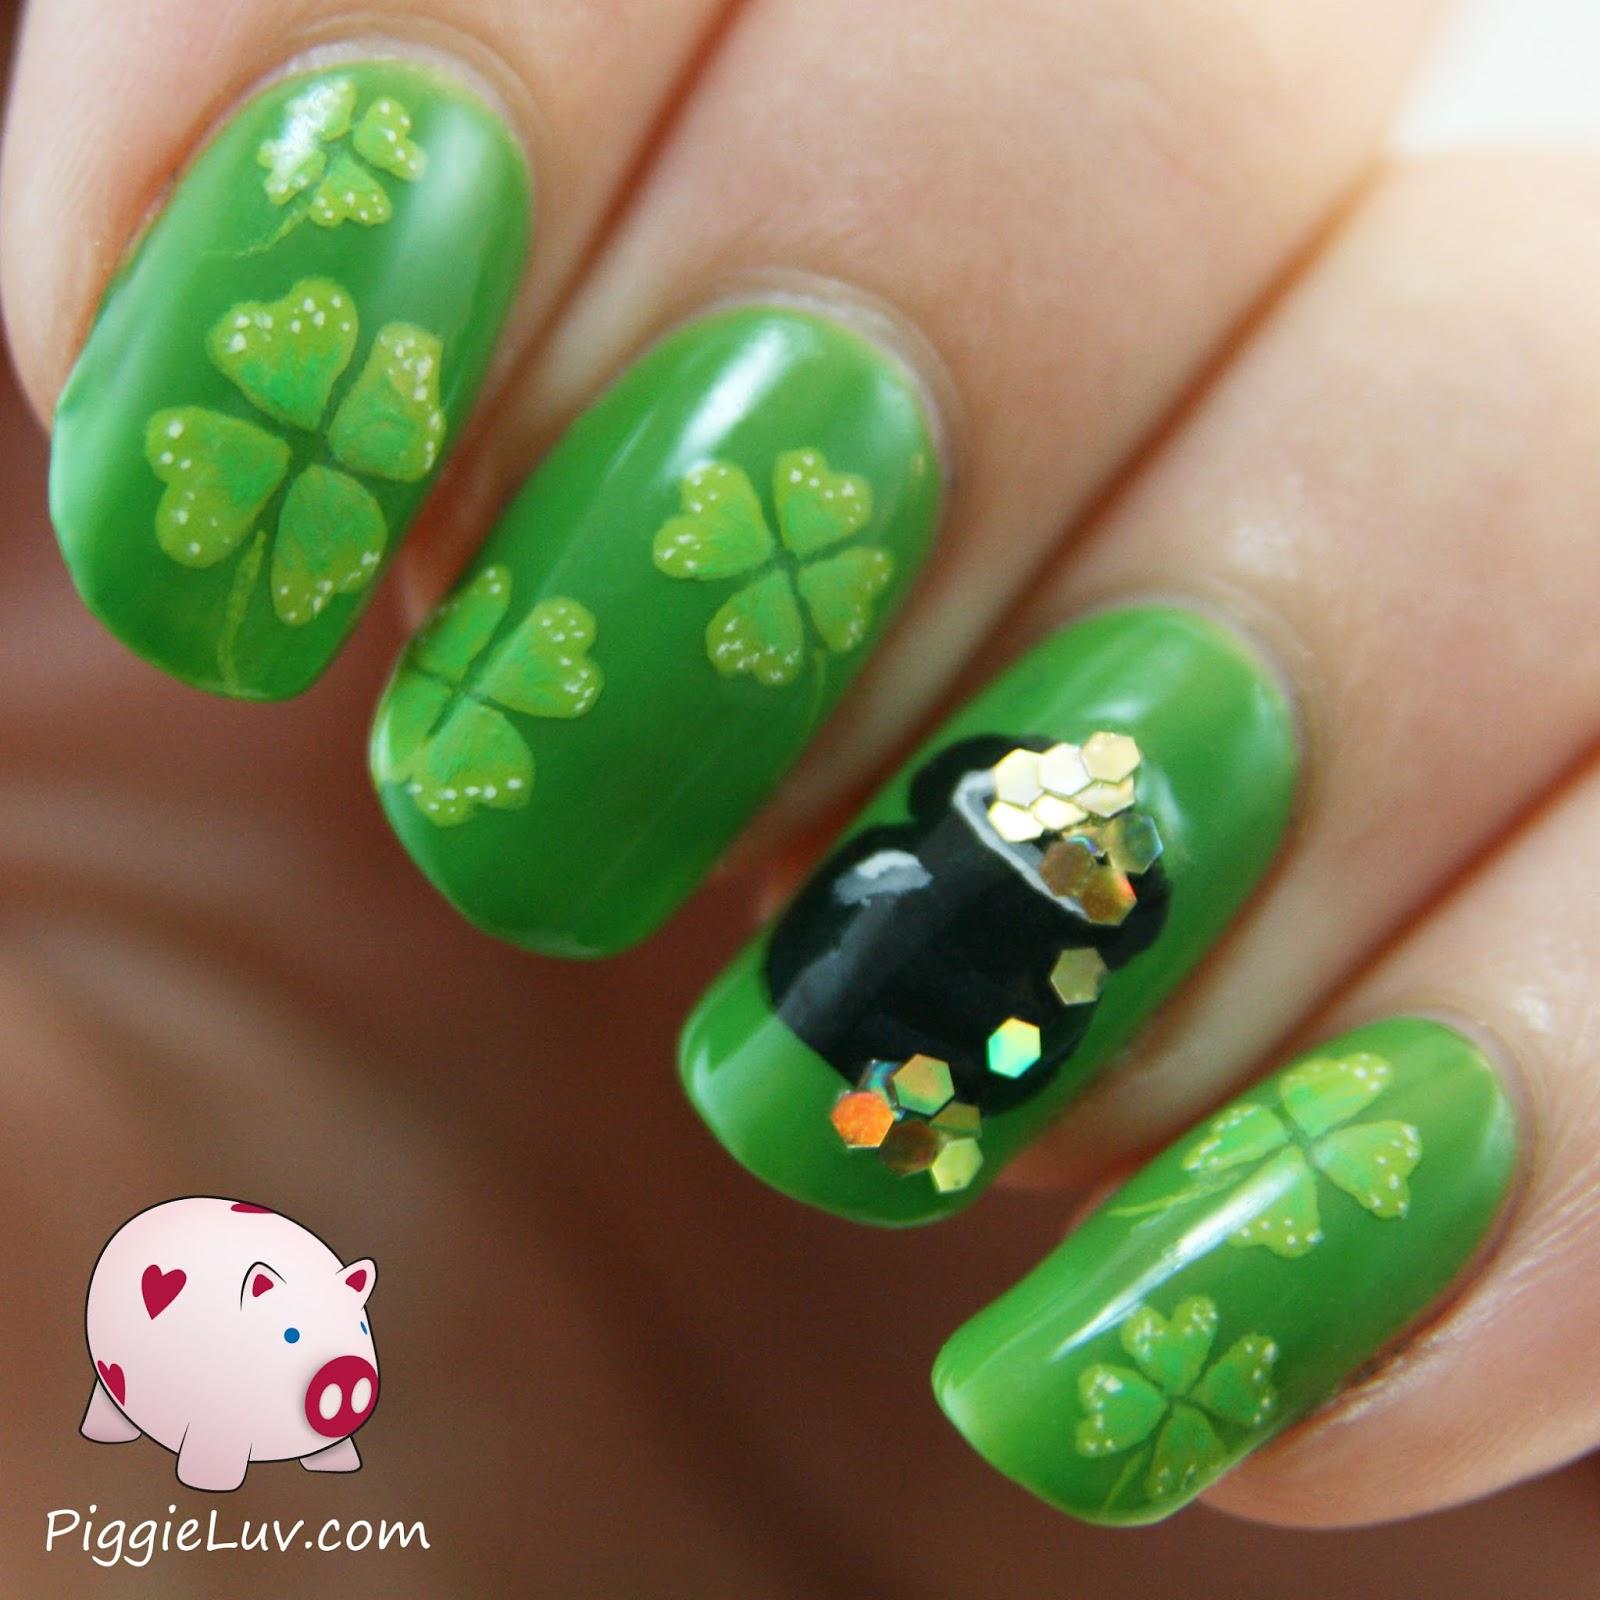 PiggieLuv: St. Patrick's Day Nail Art